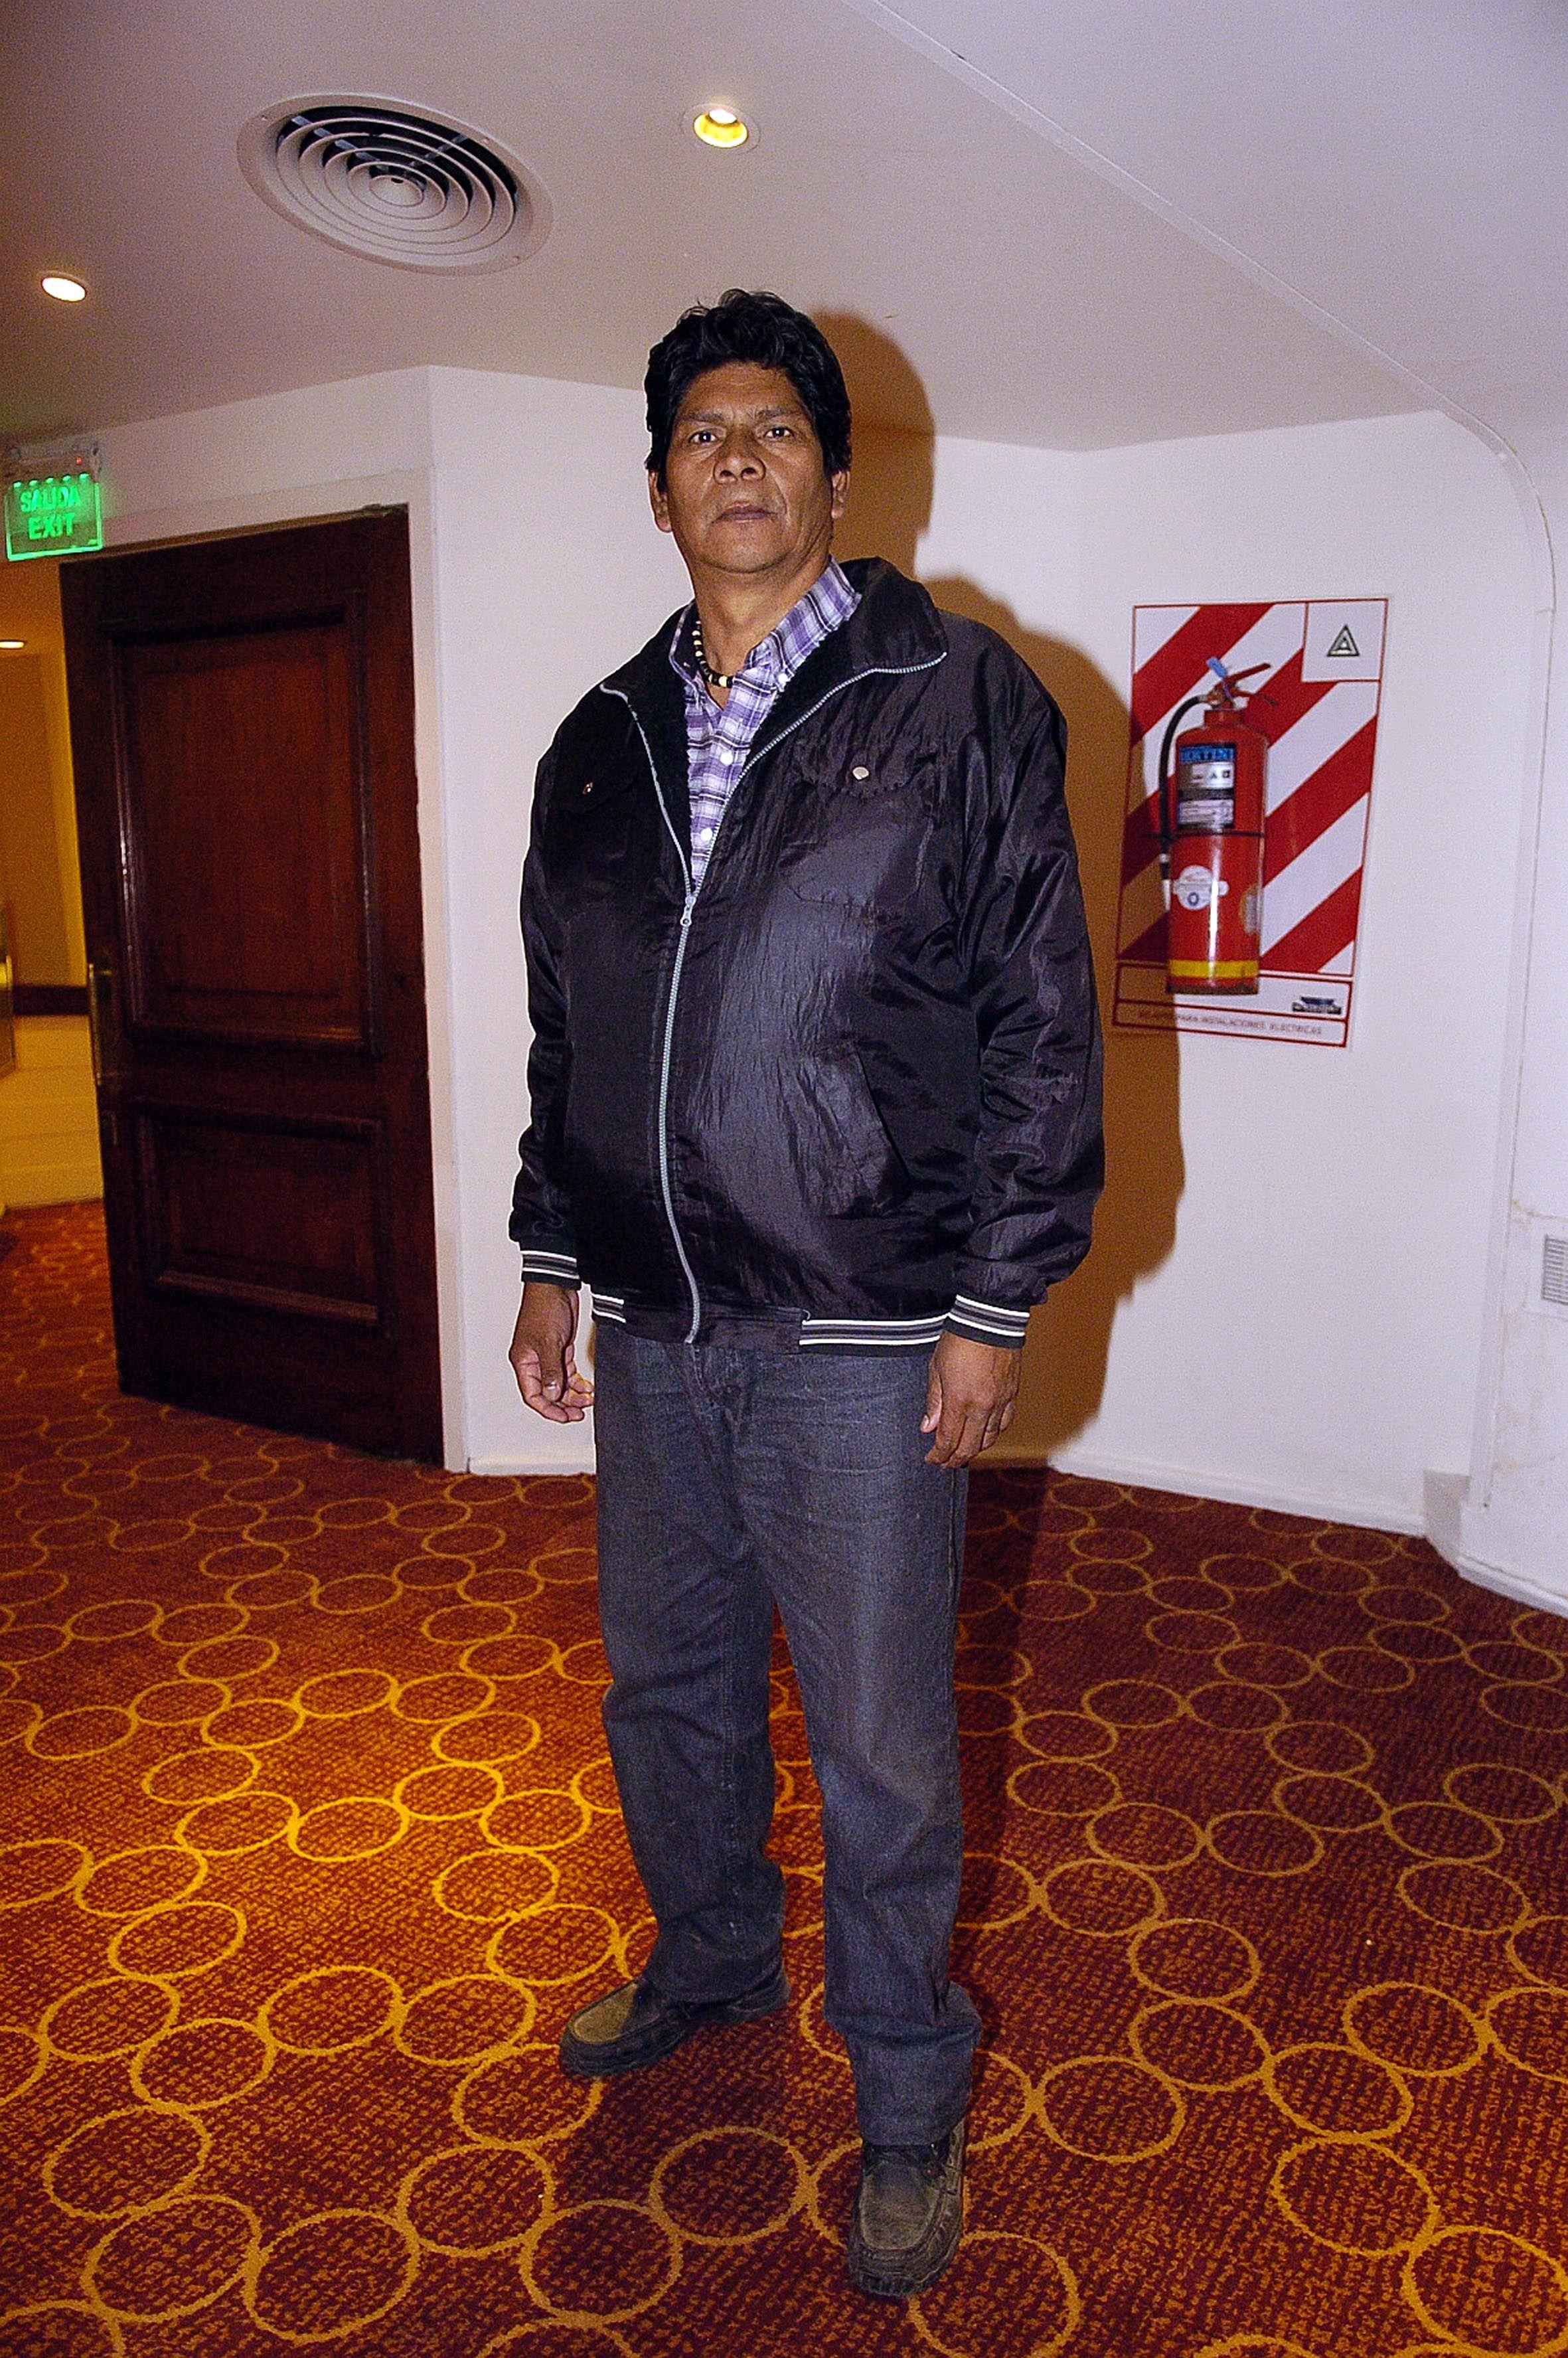 Máximo Jorge (cacique toba)